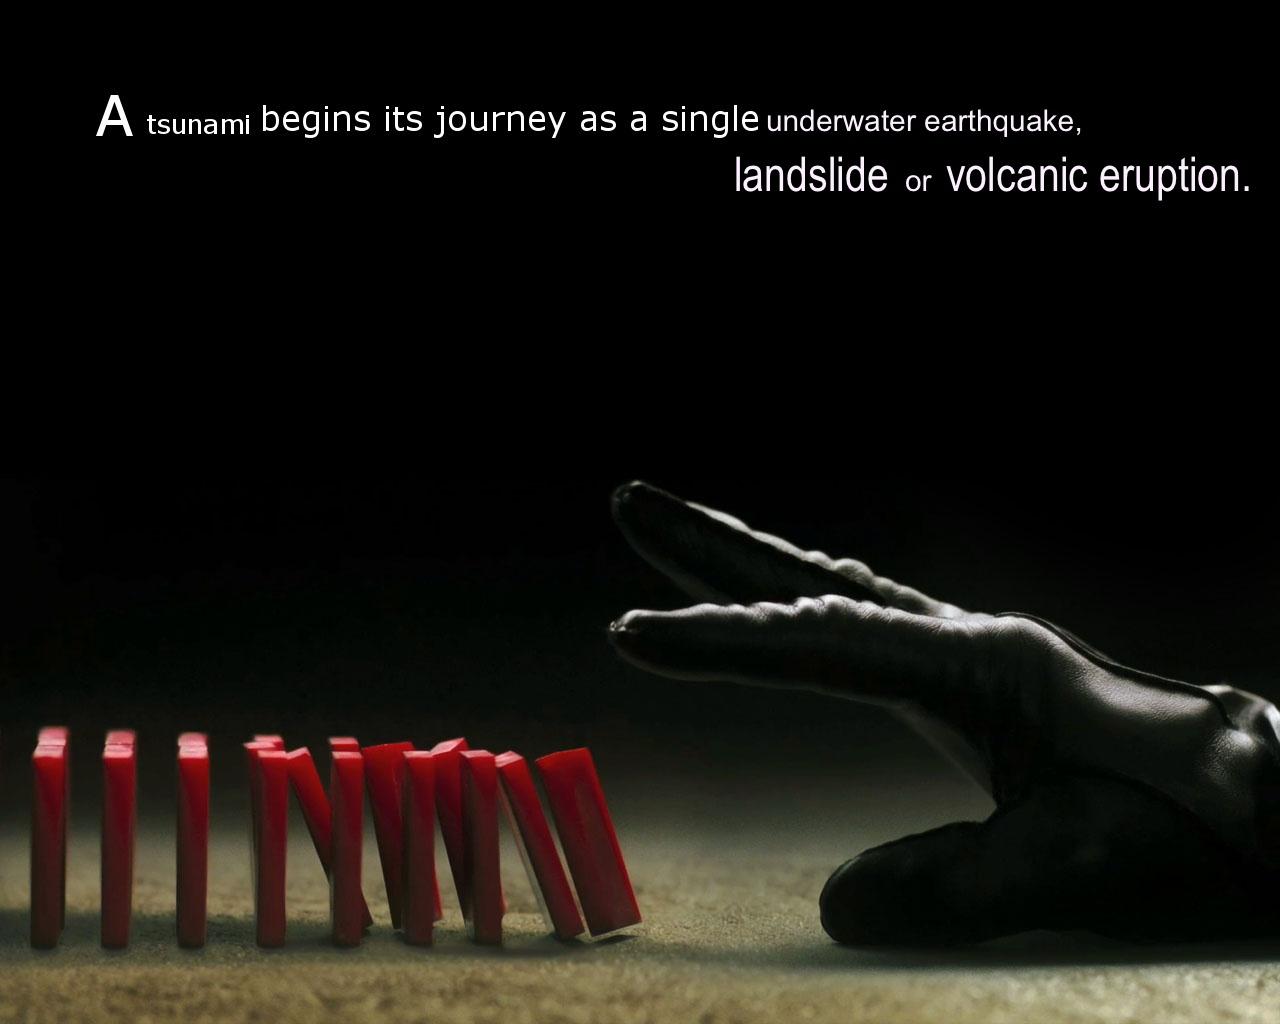 essay on v for vendetta movie